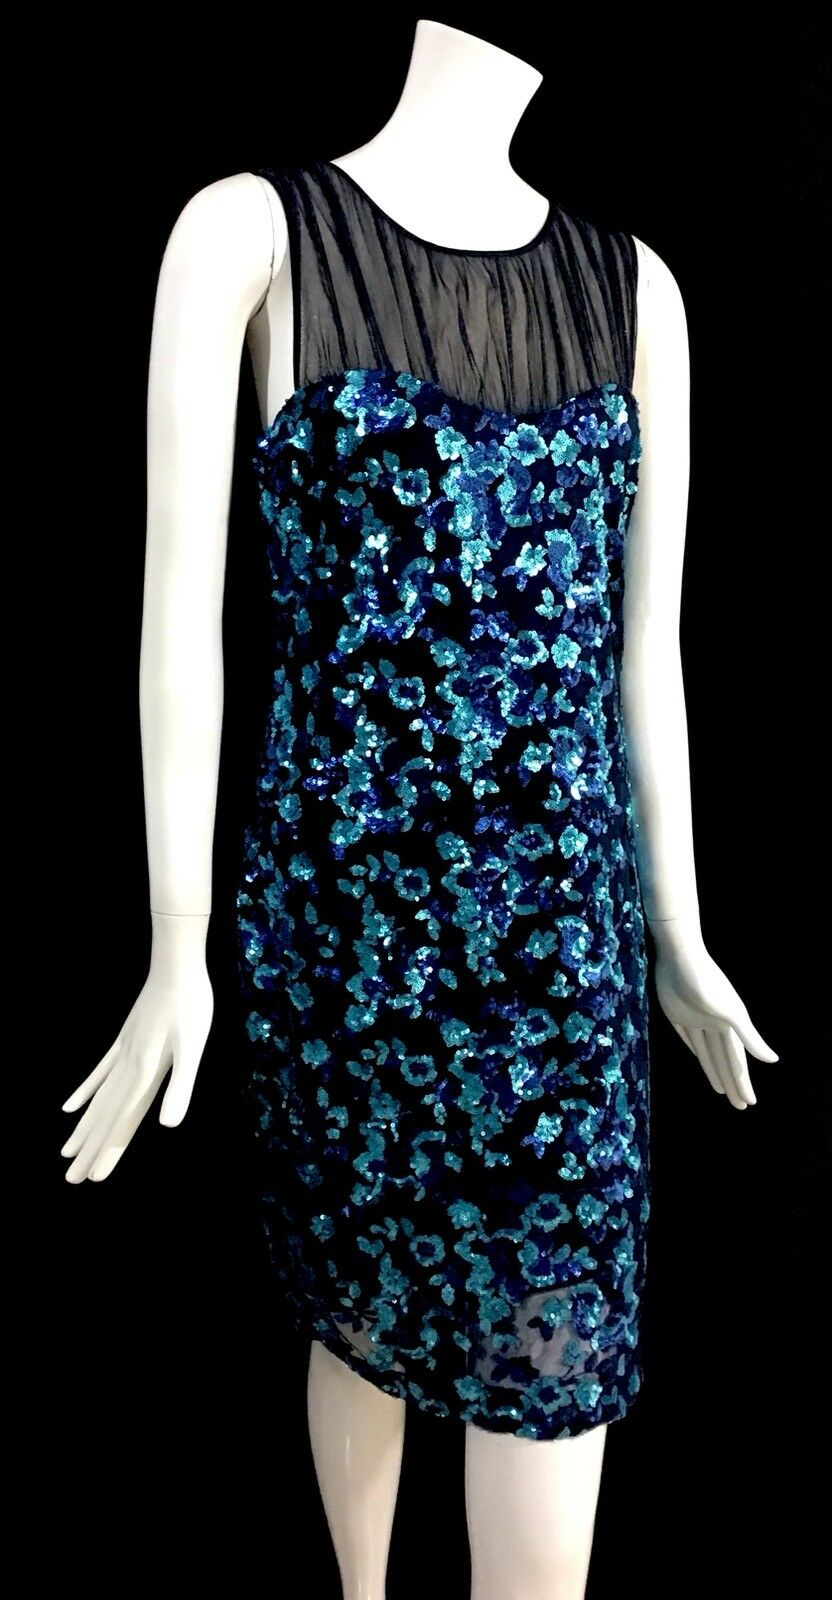 Belle Badgley Mischka Größe 8 Blau MultiFarbe Floral Sequined Sheath Dress Q1